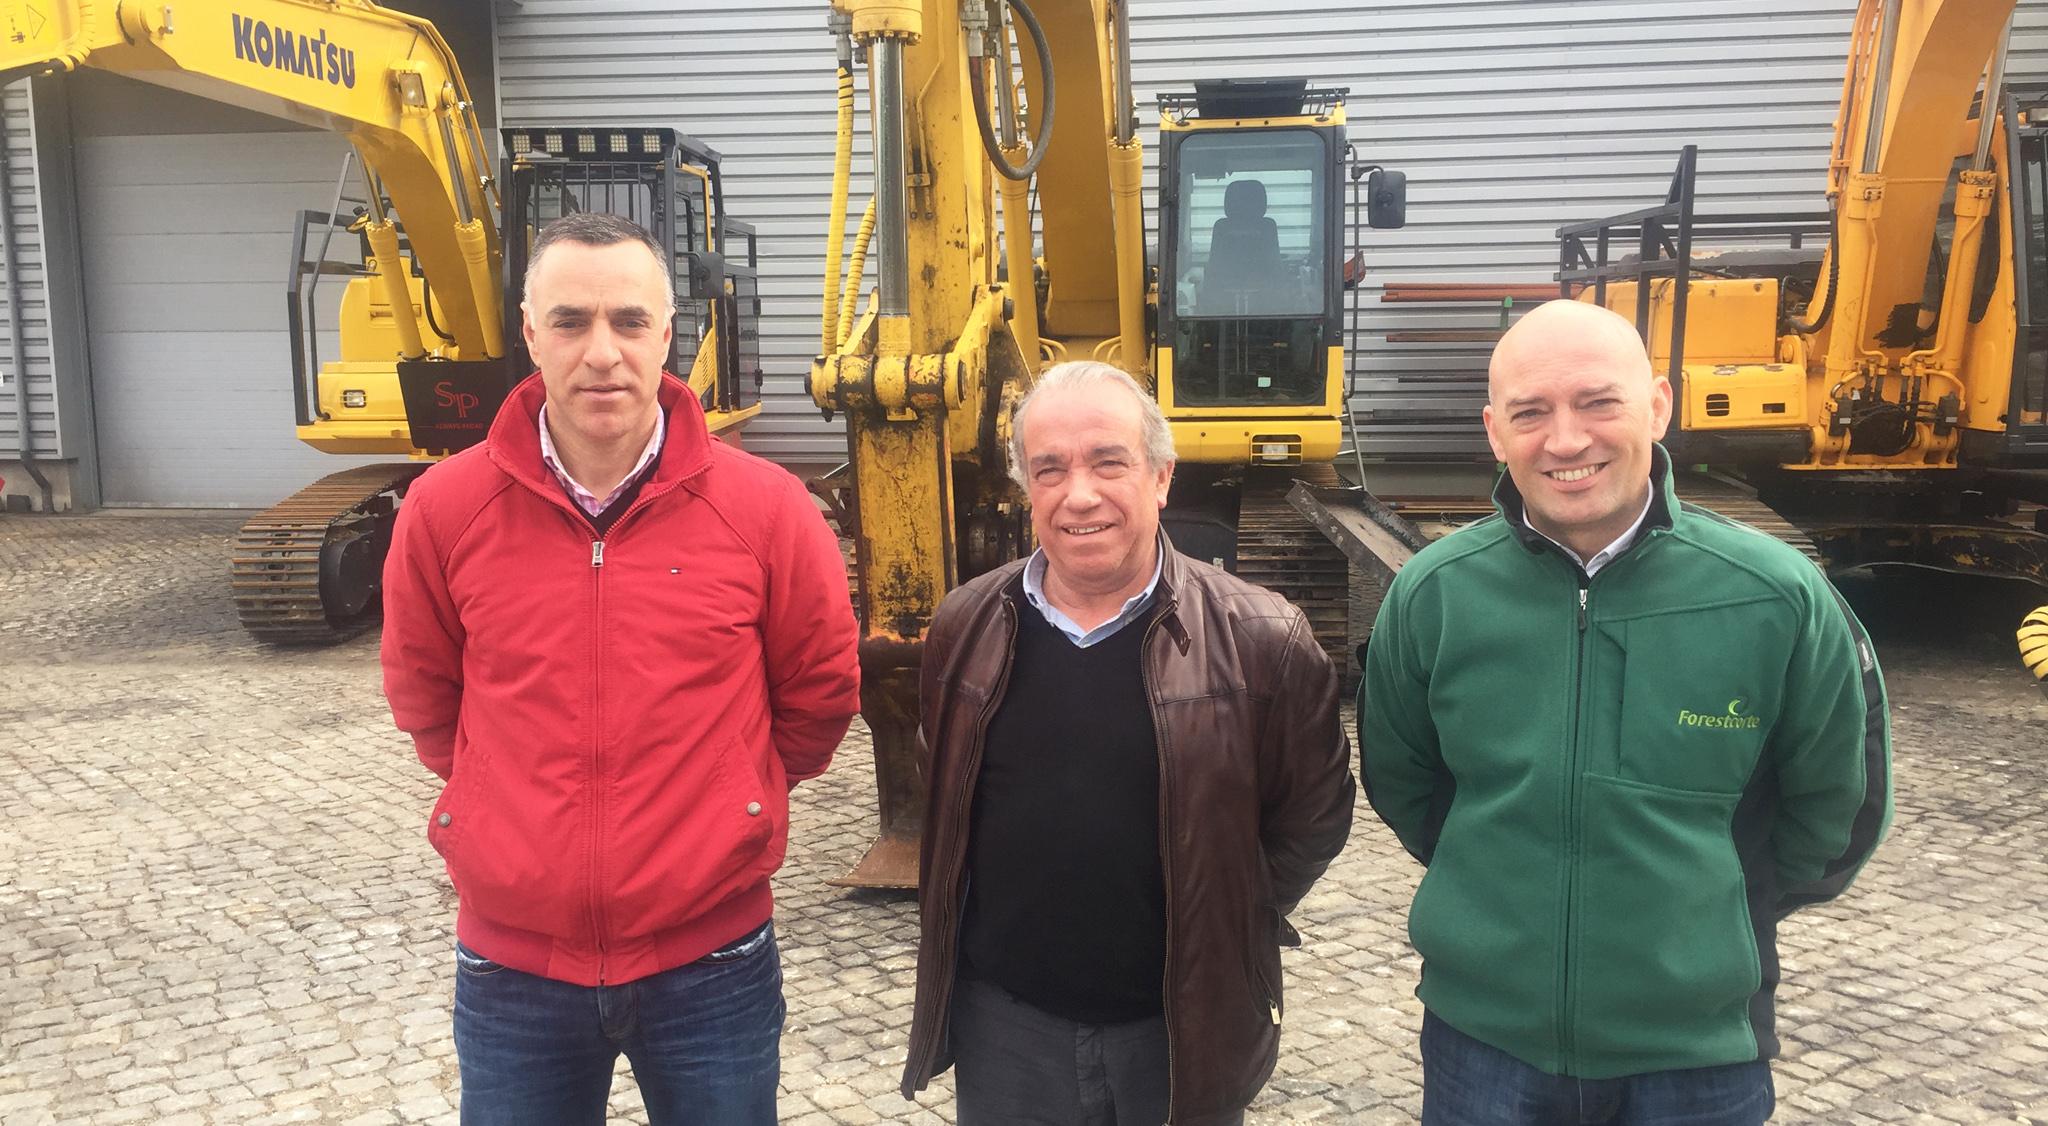 Fernando Mendes ambiciona contribuir para o desenvolvimento económico e o emprego